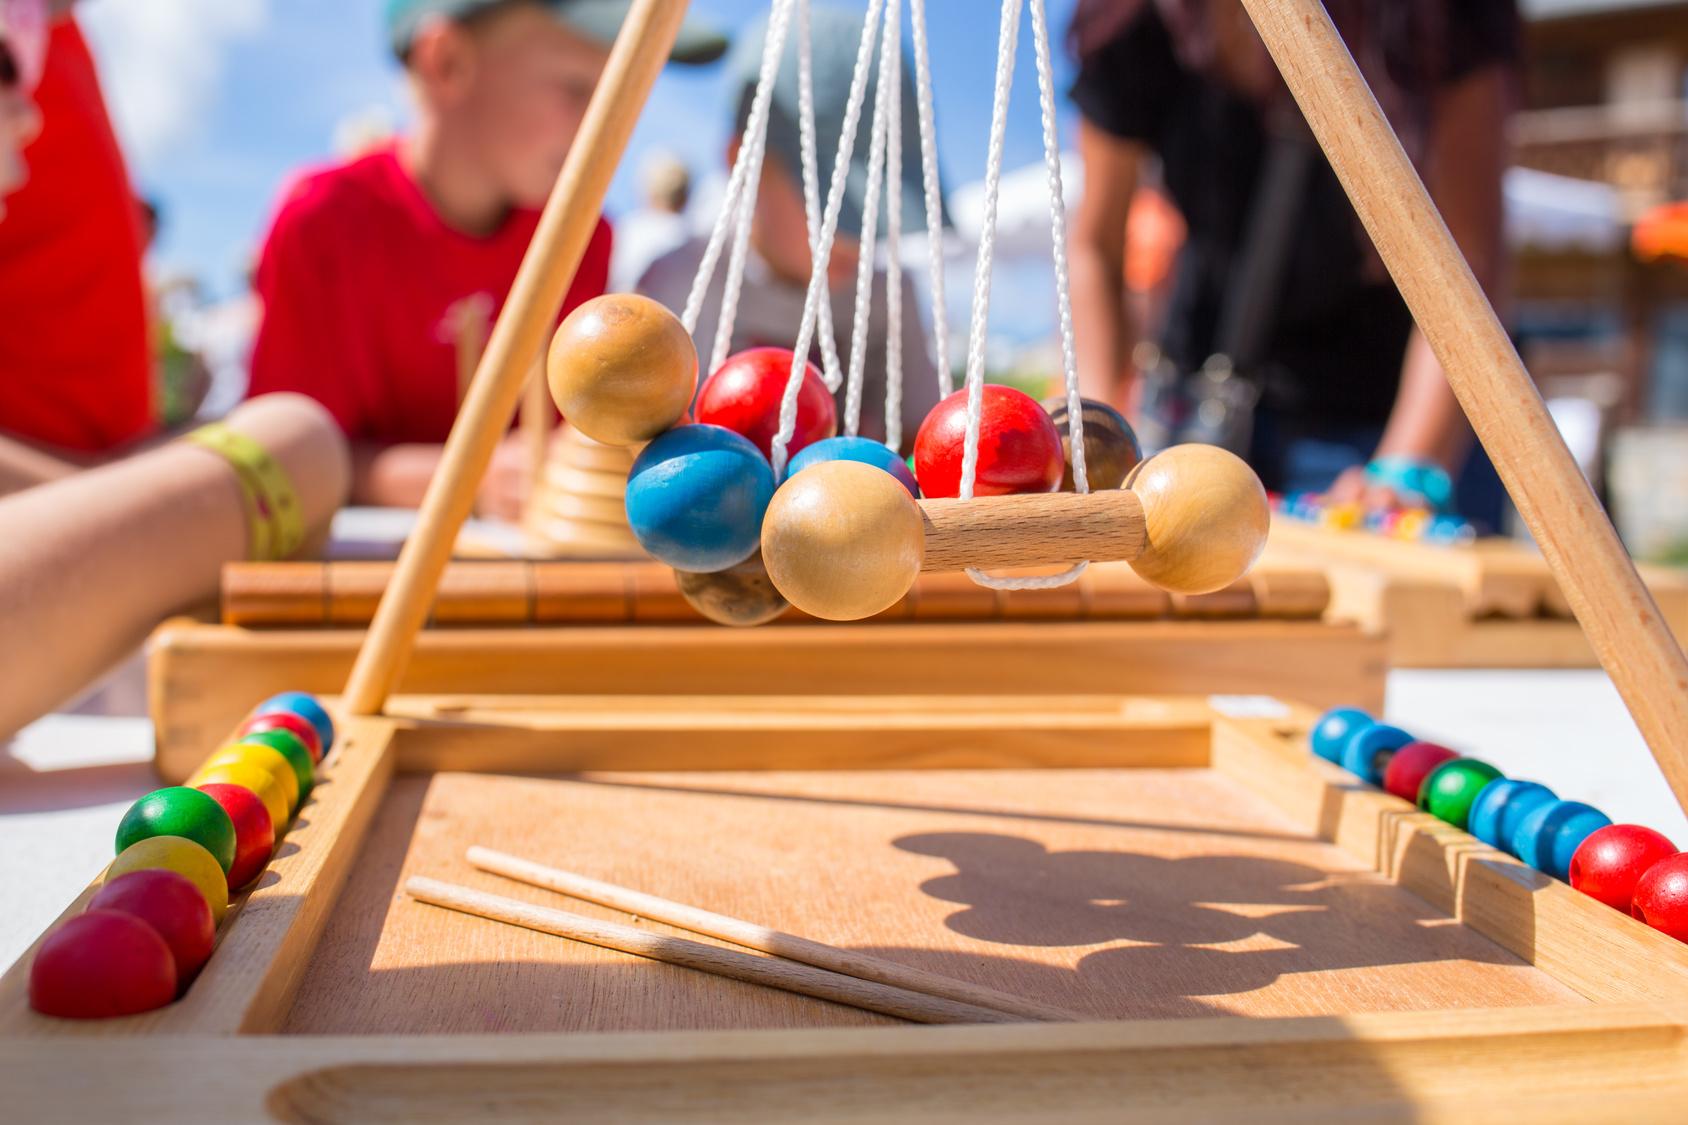 Zabawki drewniane dla dziewczynki – 5 propozycji